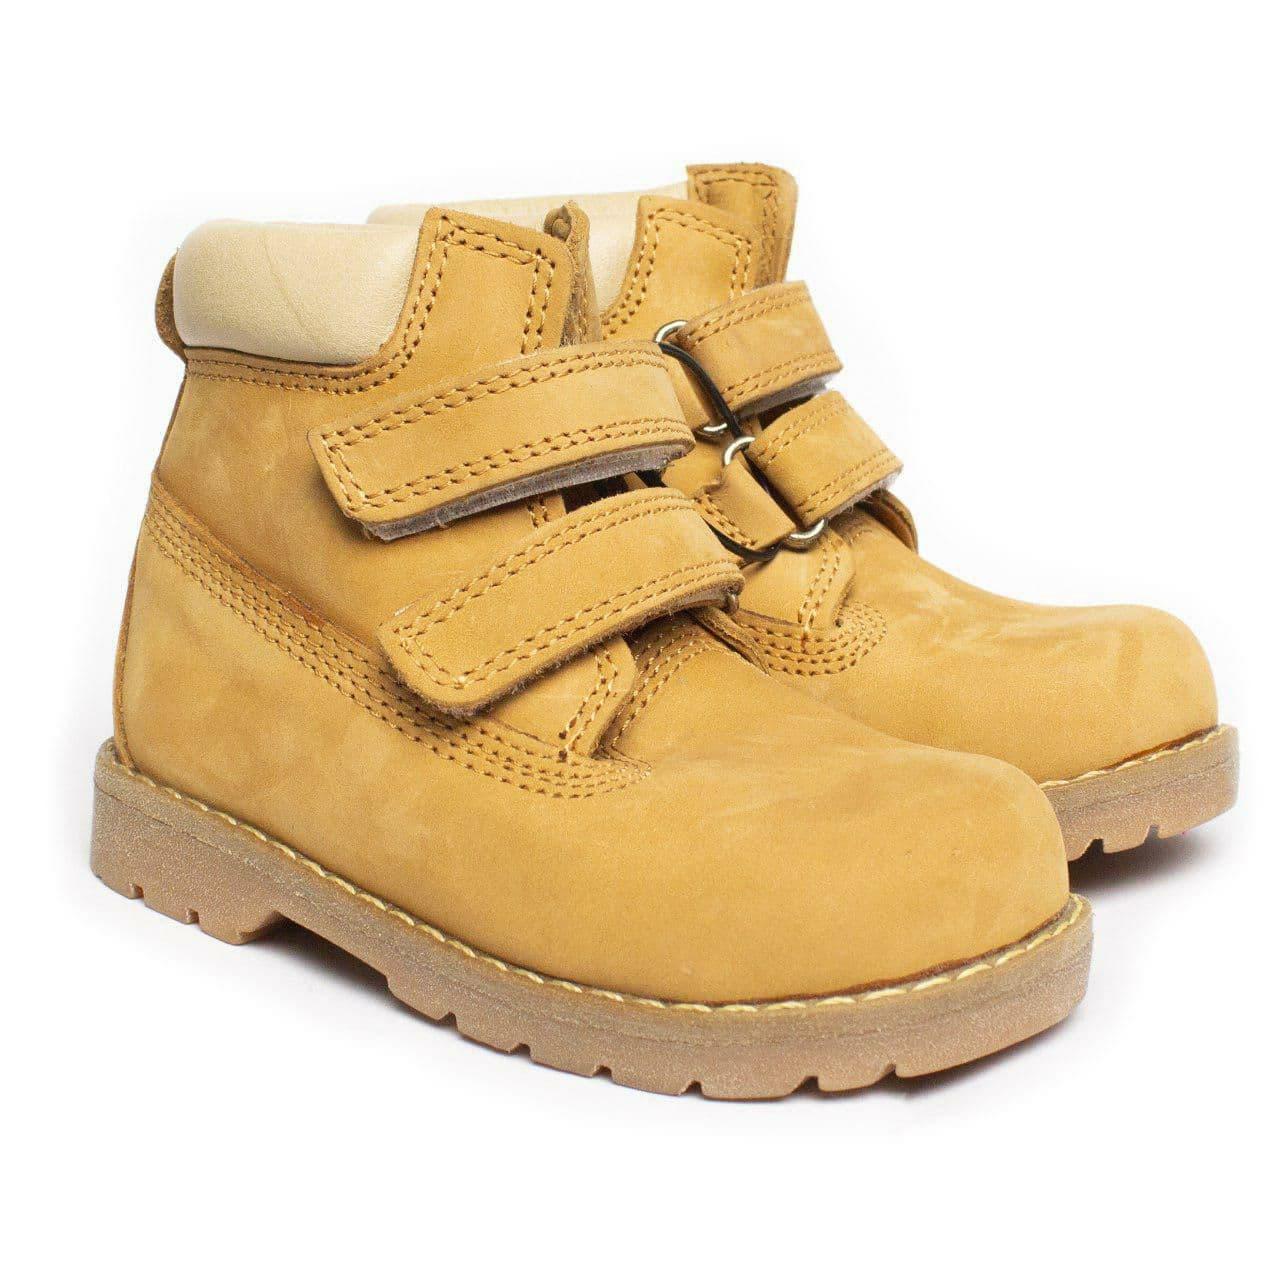 Демисезонные ботинки, унисекс, размеры 23, 25